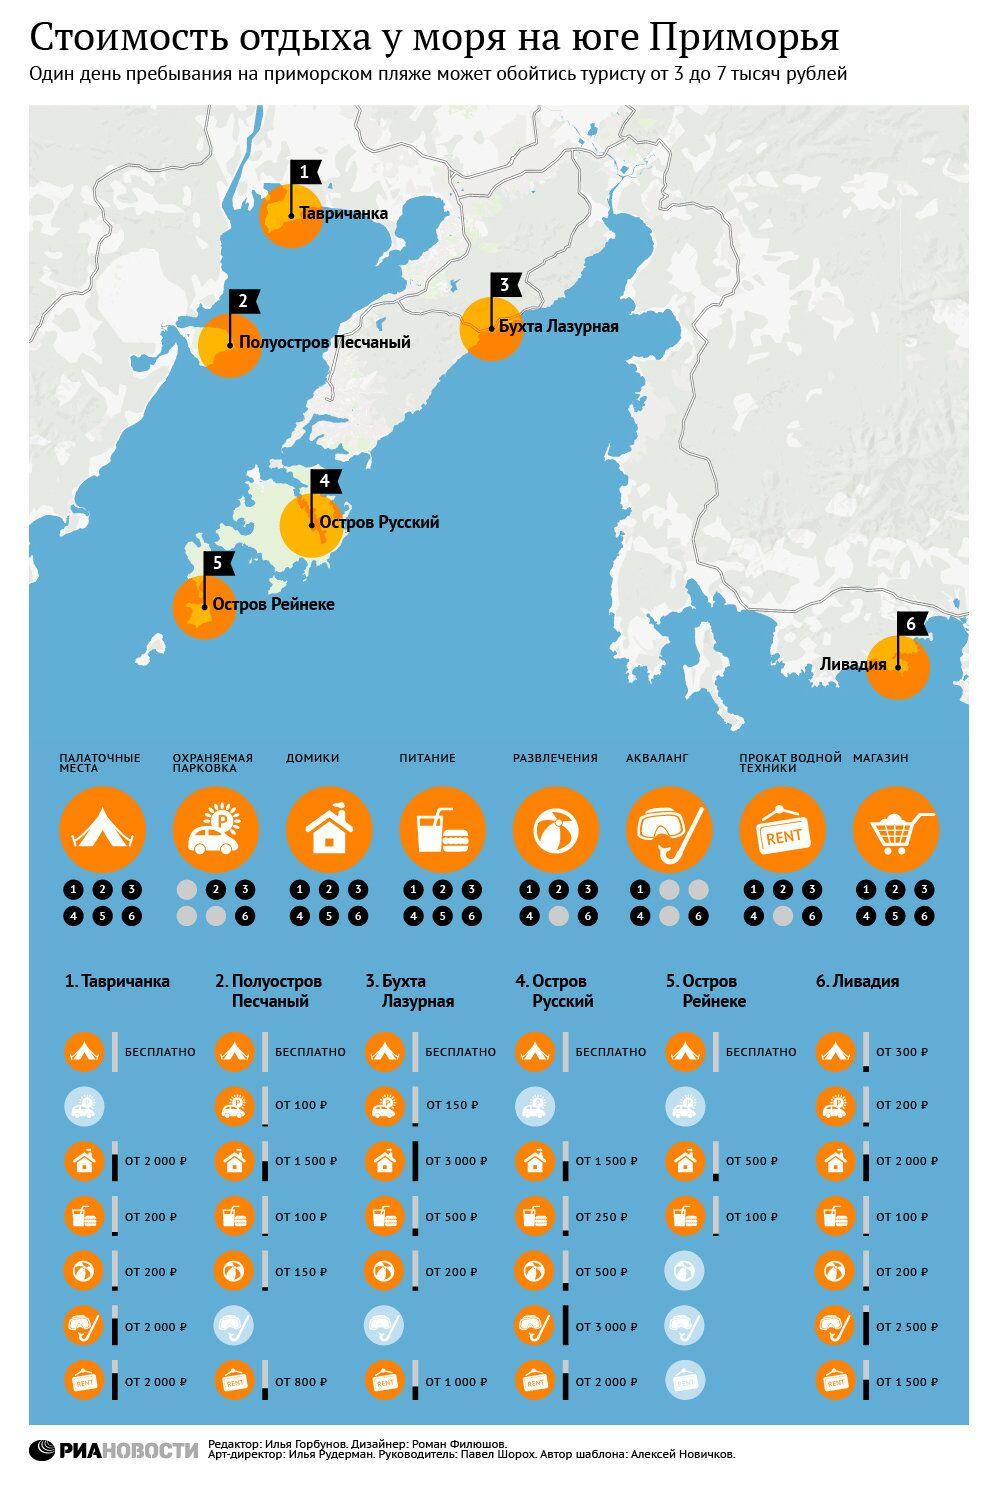 Стоимость отдыха у моря на юге Приморья